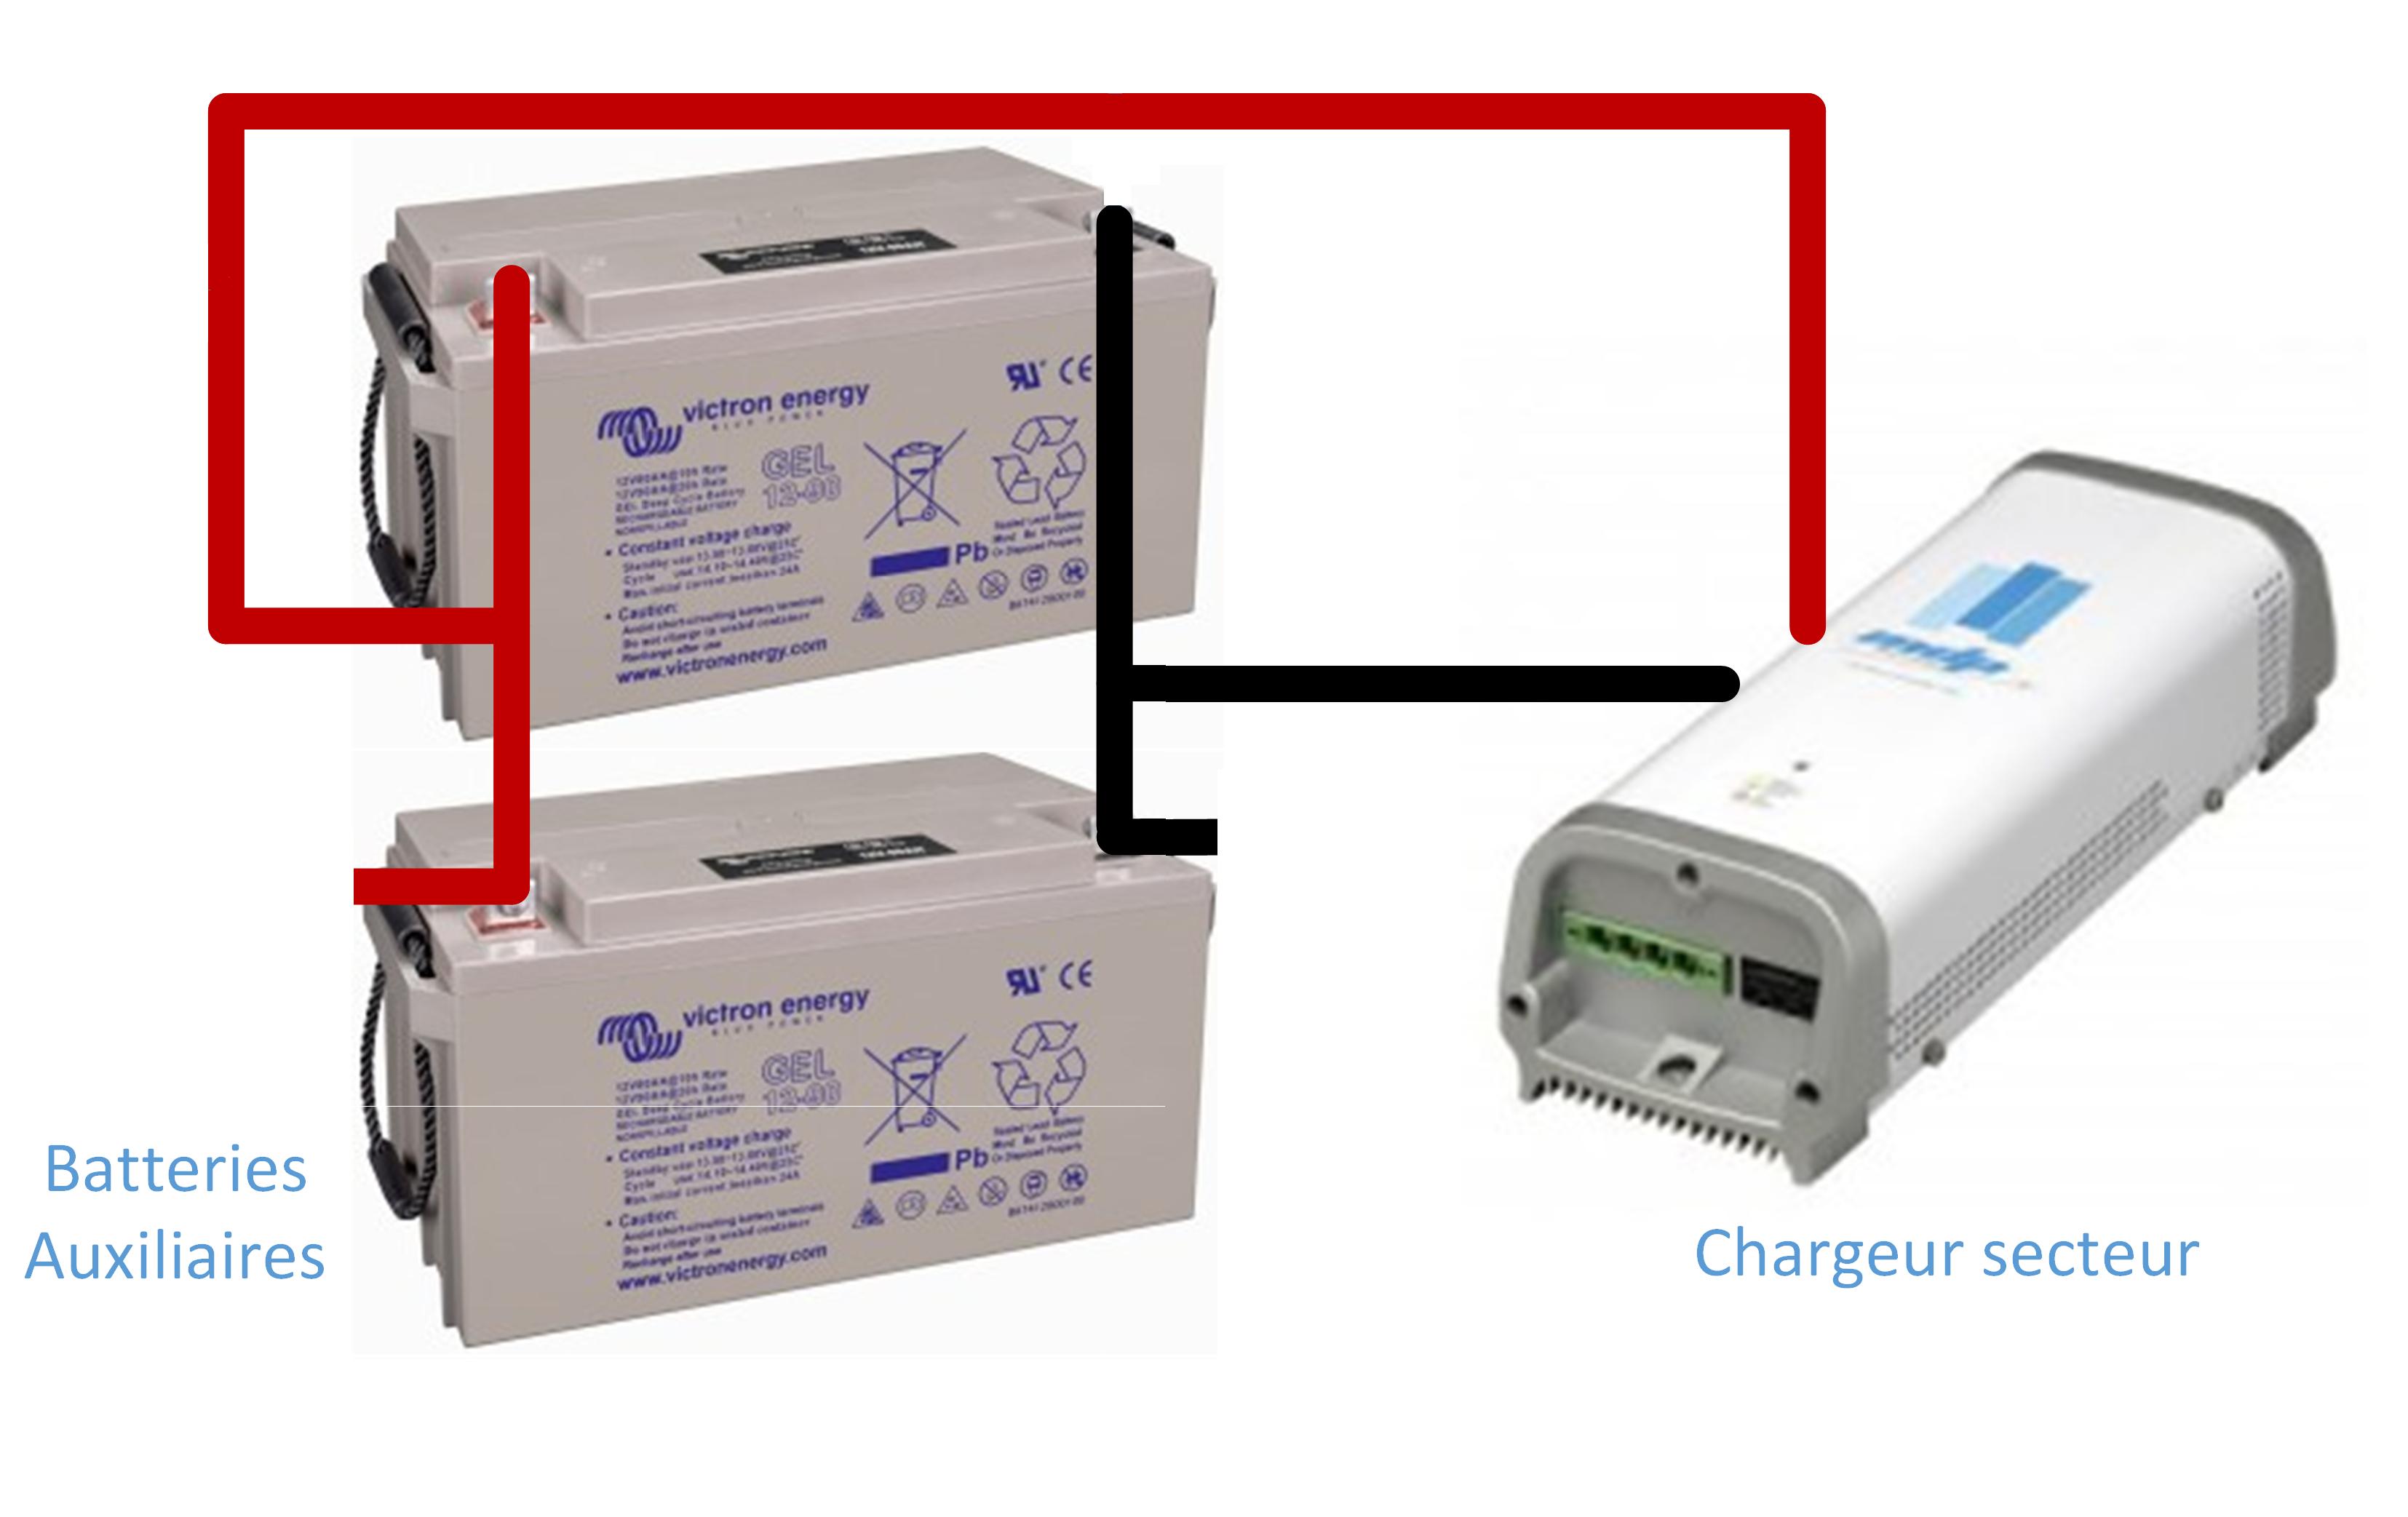 Installation lectrique fixation des batteries - Branchement coupe batterie ...